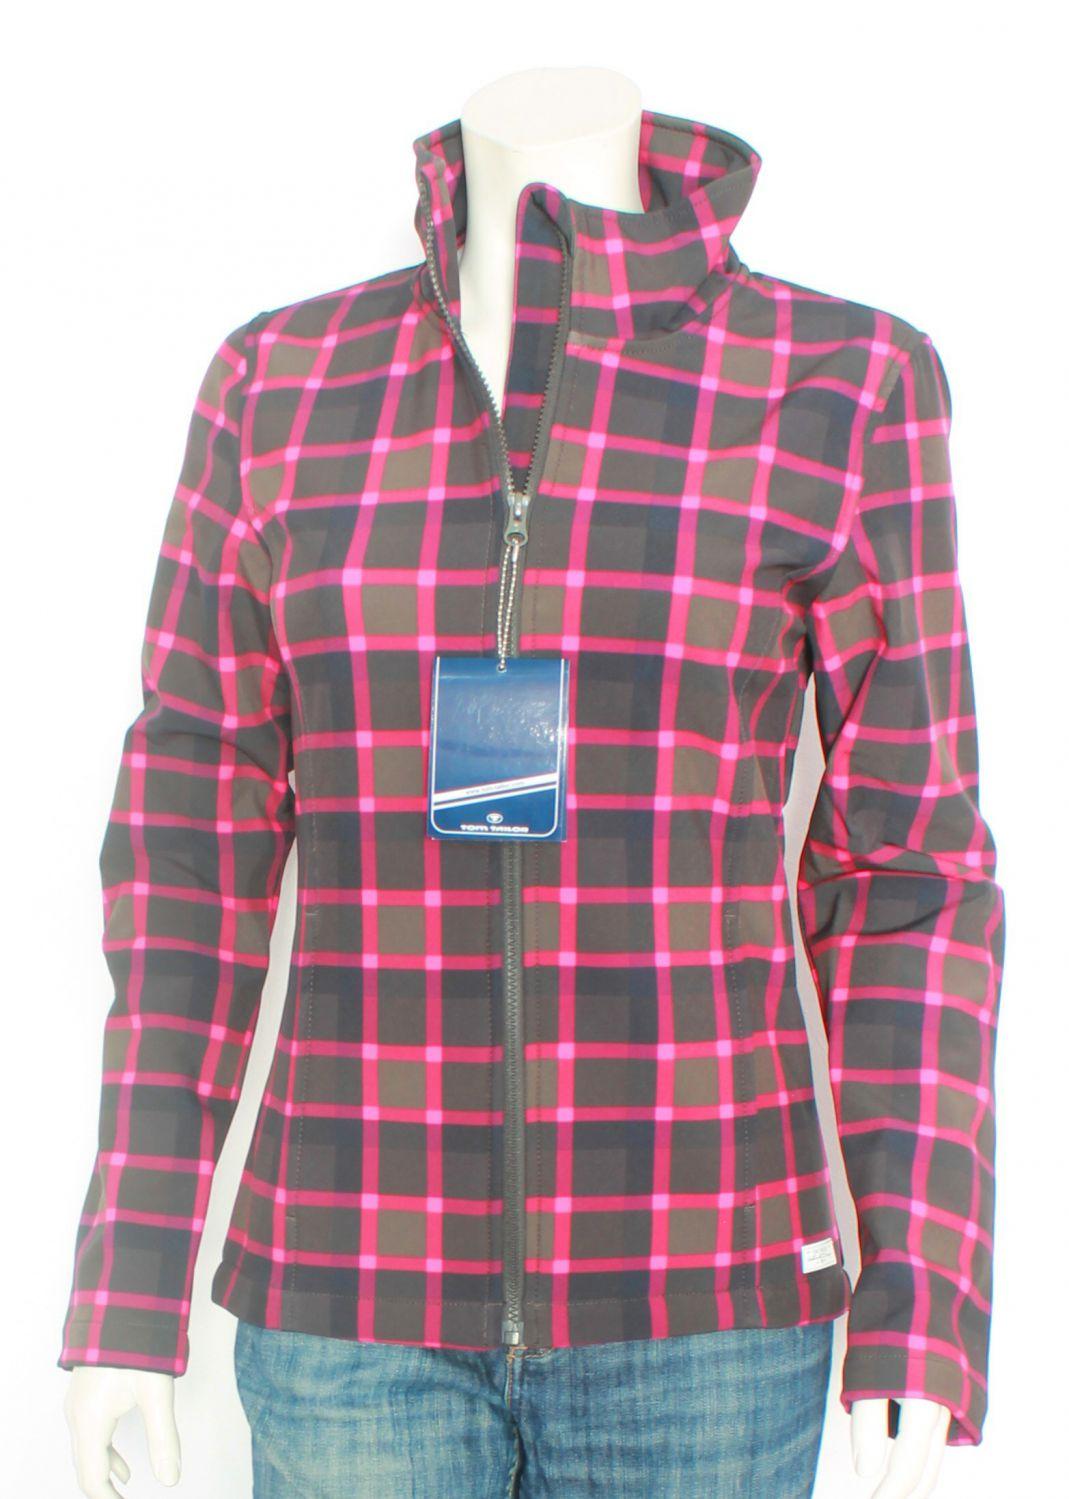 tom tailor softshelljacke kariert pink schwarz gr 176. Black Bedroom Furniture Sets. Home Design Ideas